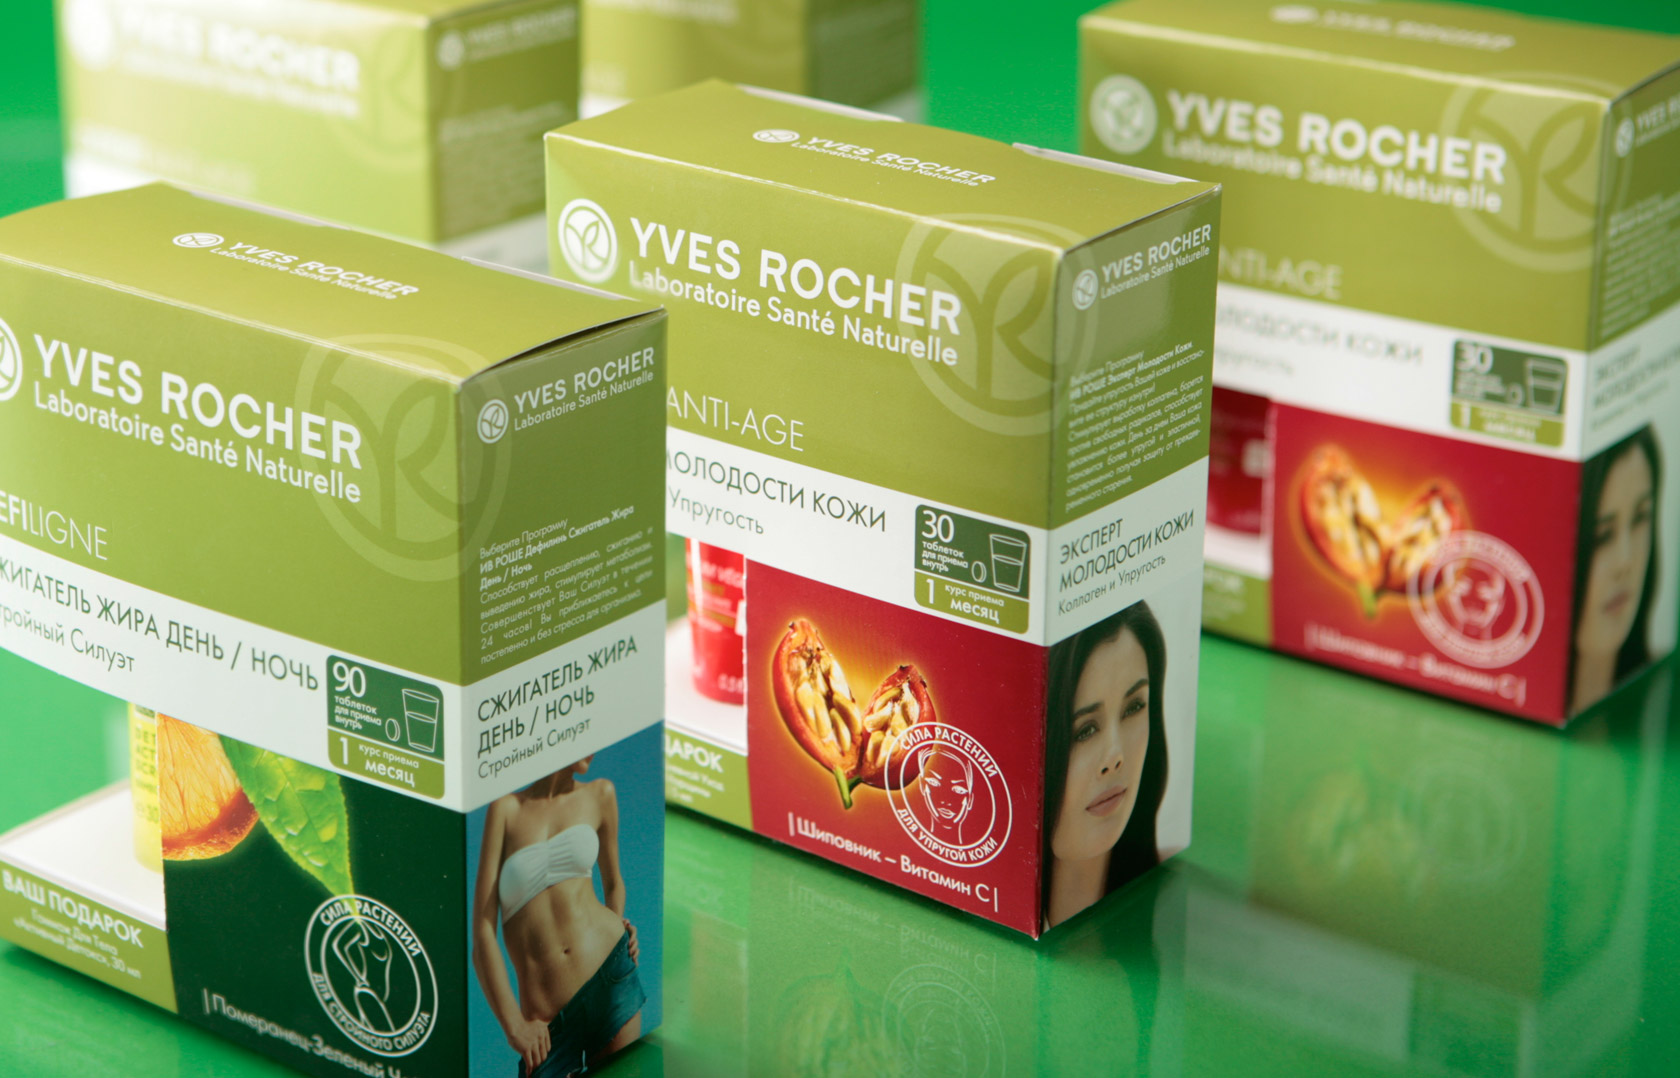 Дизайн упаковки ИВ Роше жиросжигатель в Москве